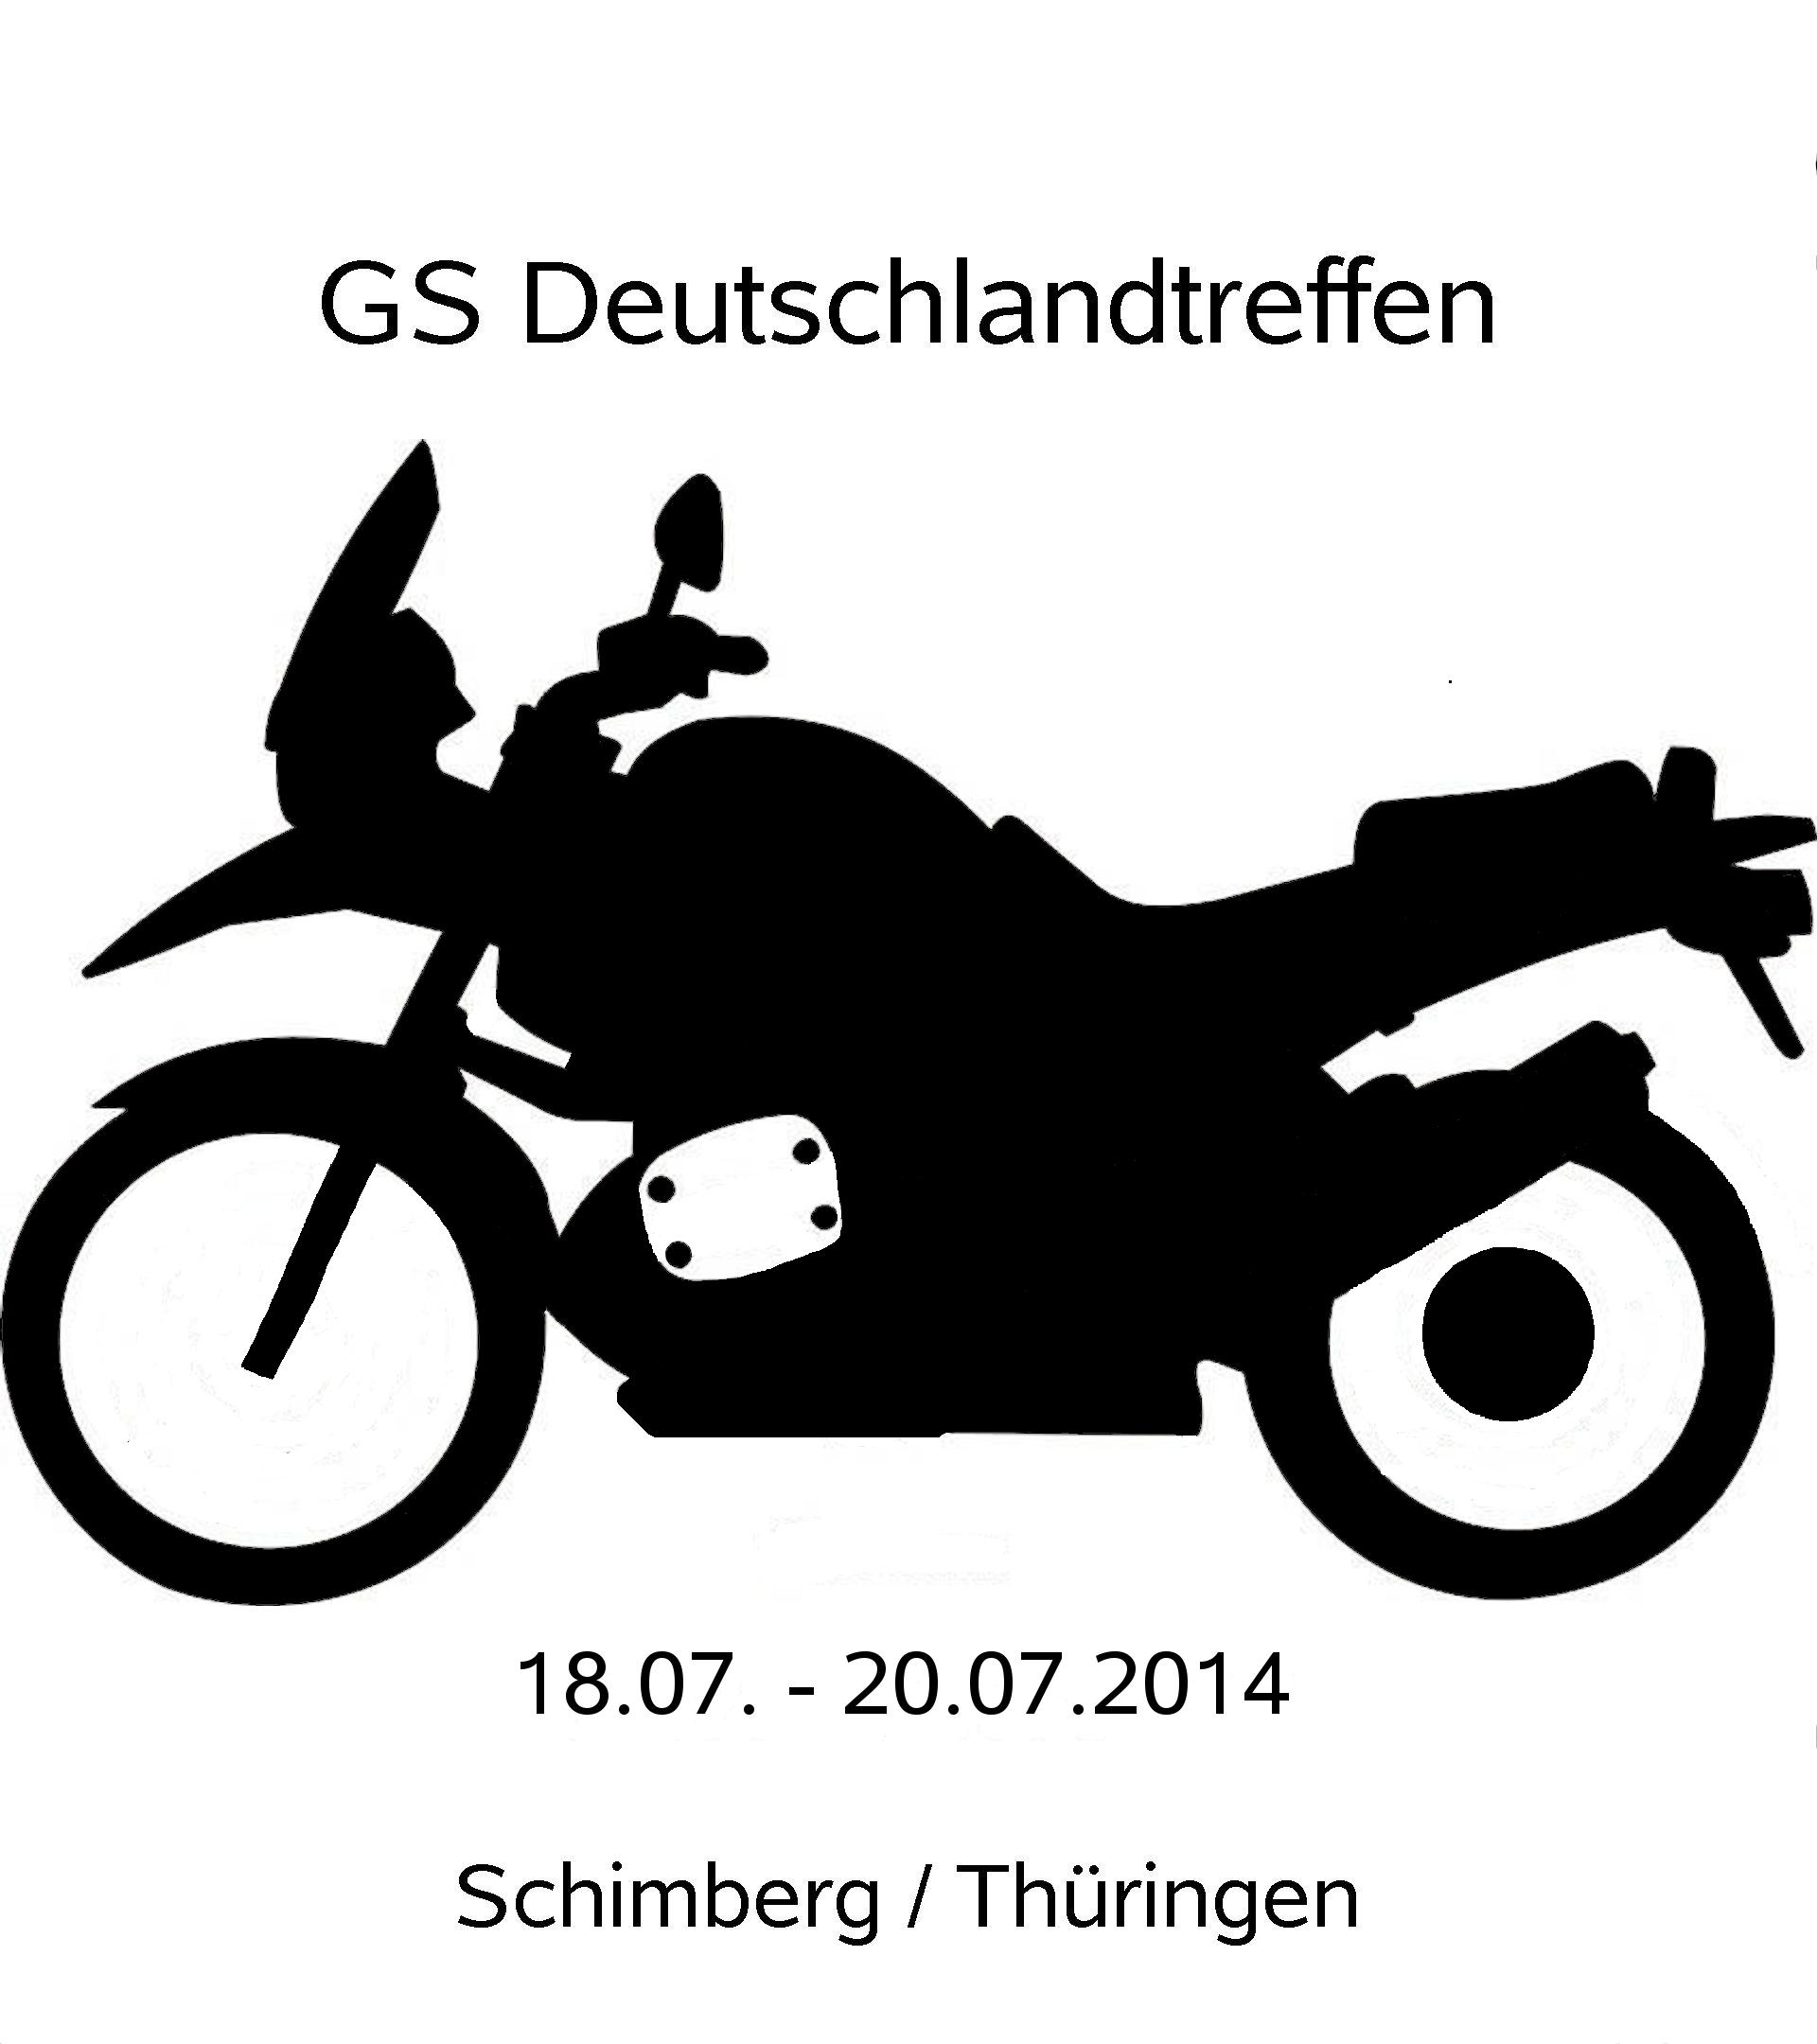 gs-dt-14_logo.jpg